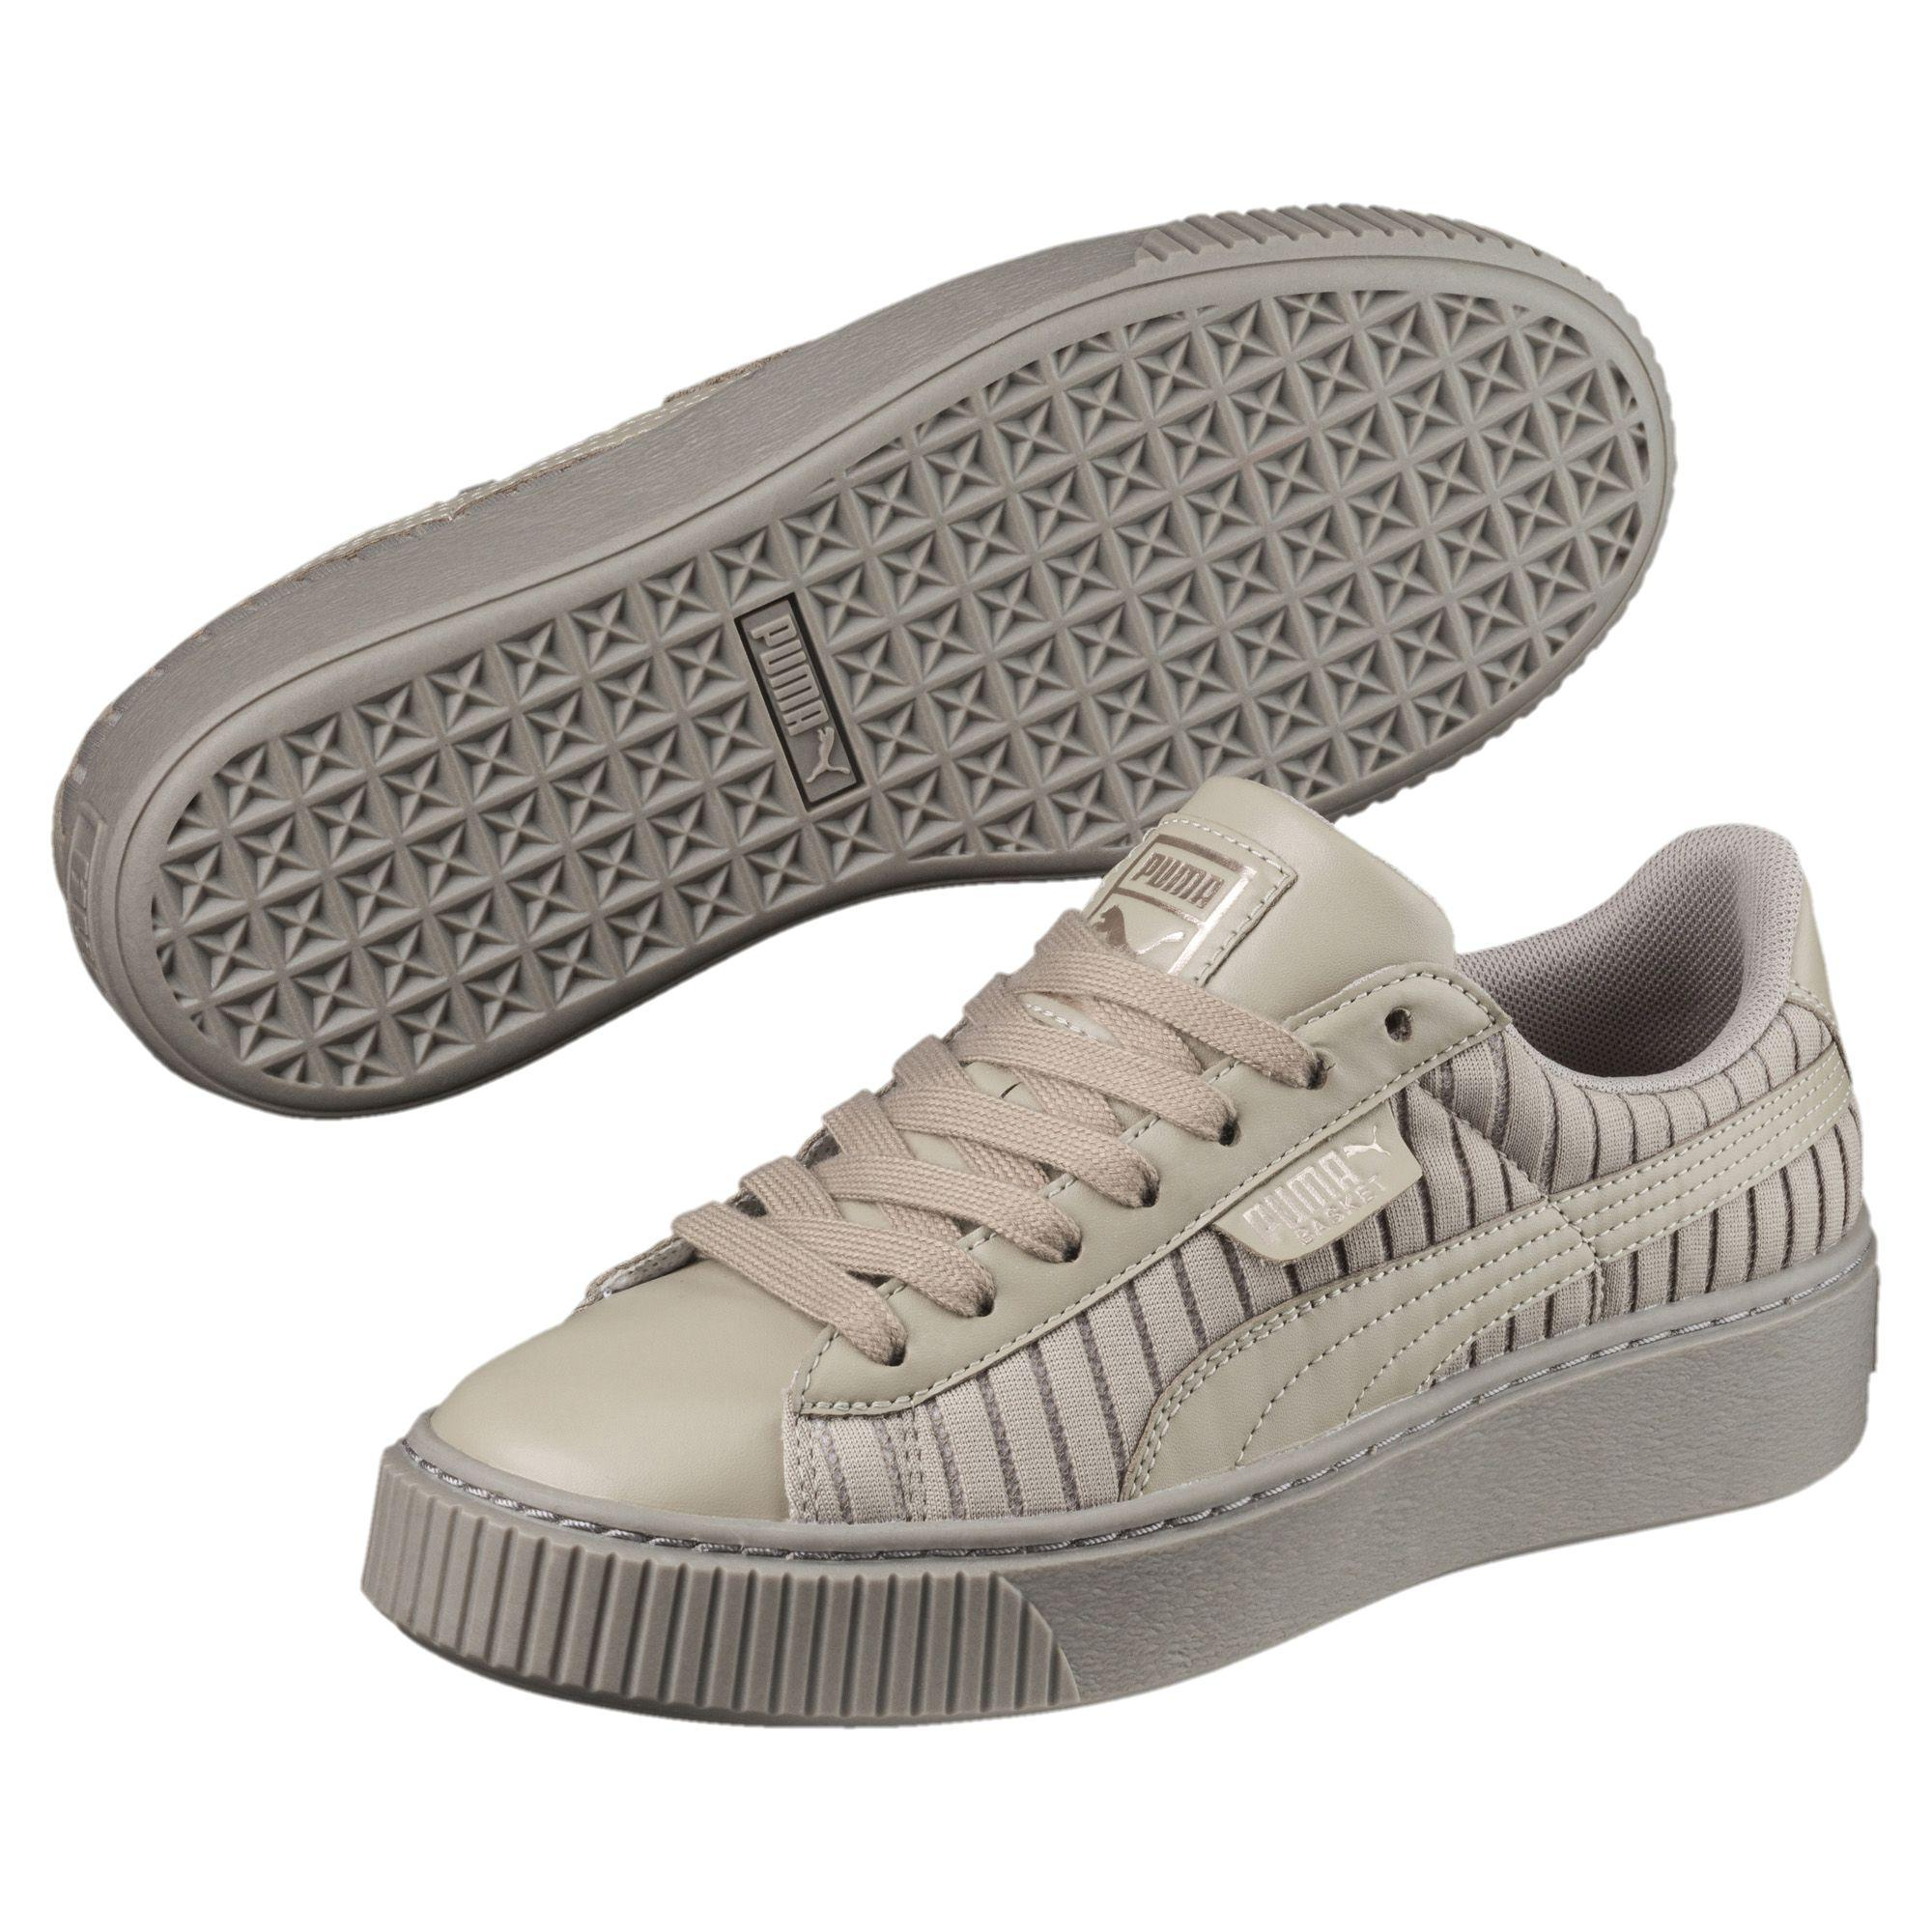 a3424eb6513a9a Lyst - PUMA Basket Platform En Pointe Women s Sneakers in Gray